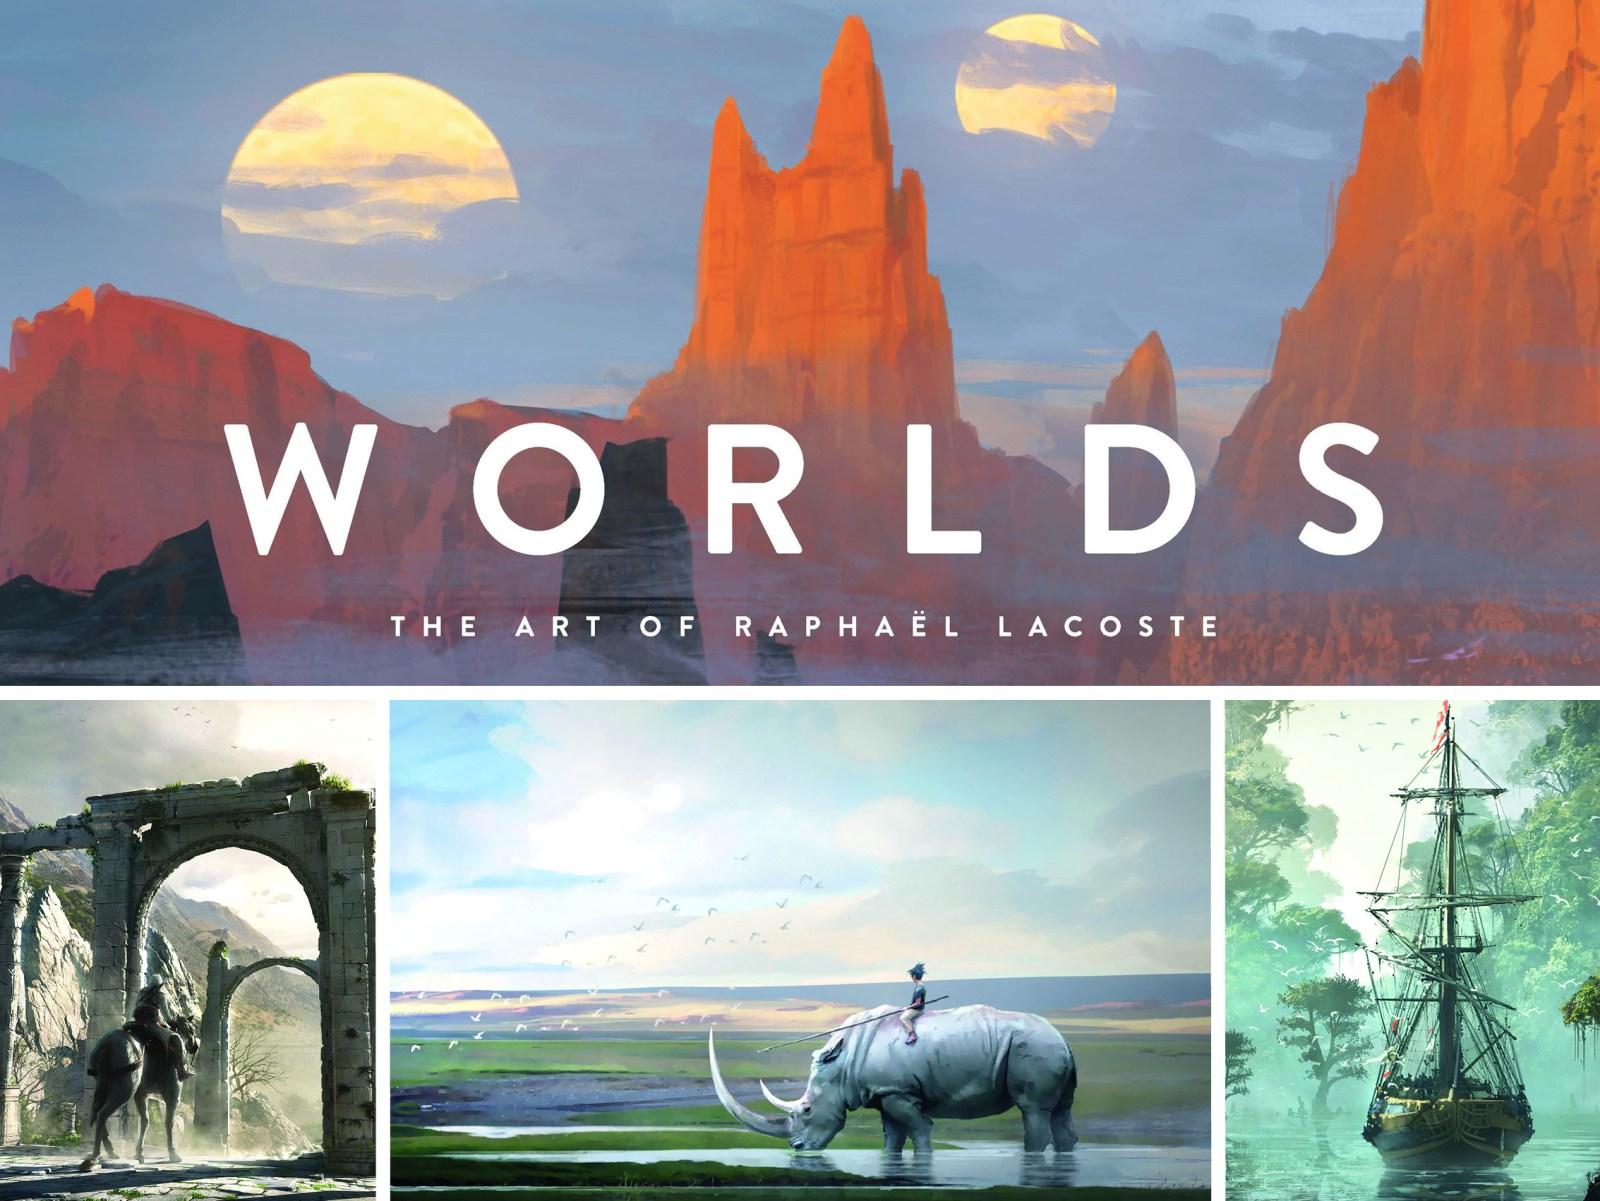 Bandeau avec des extraits de l'artbook Worlds de Raphael Lacoste.